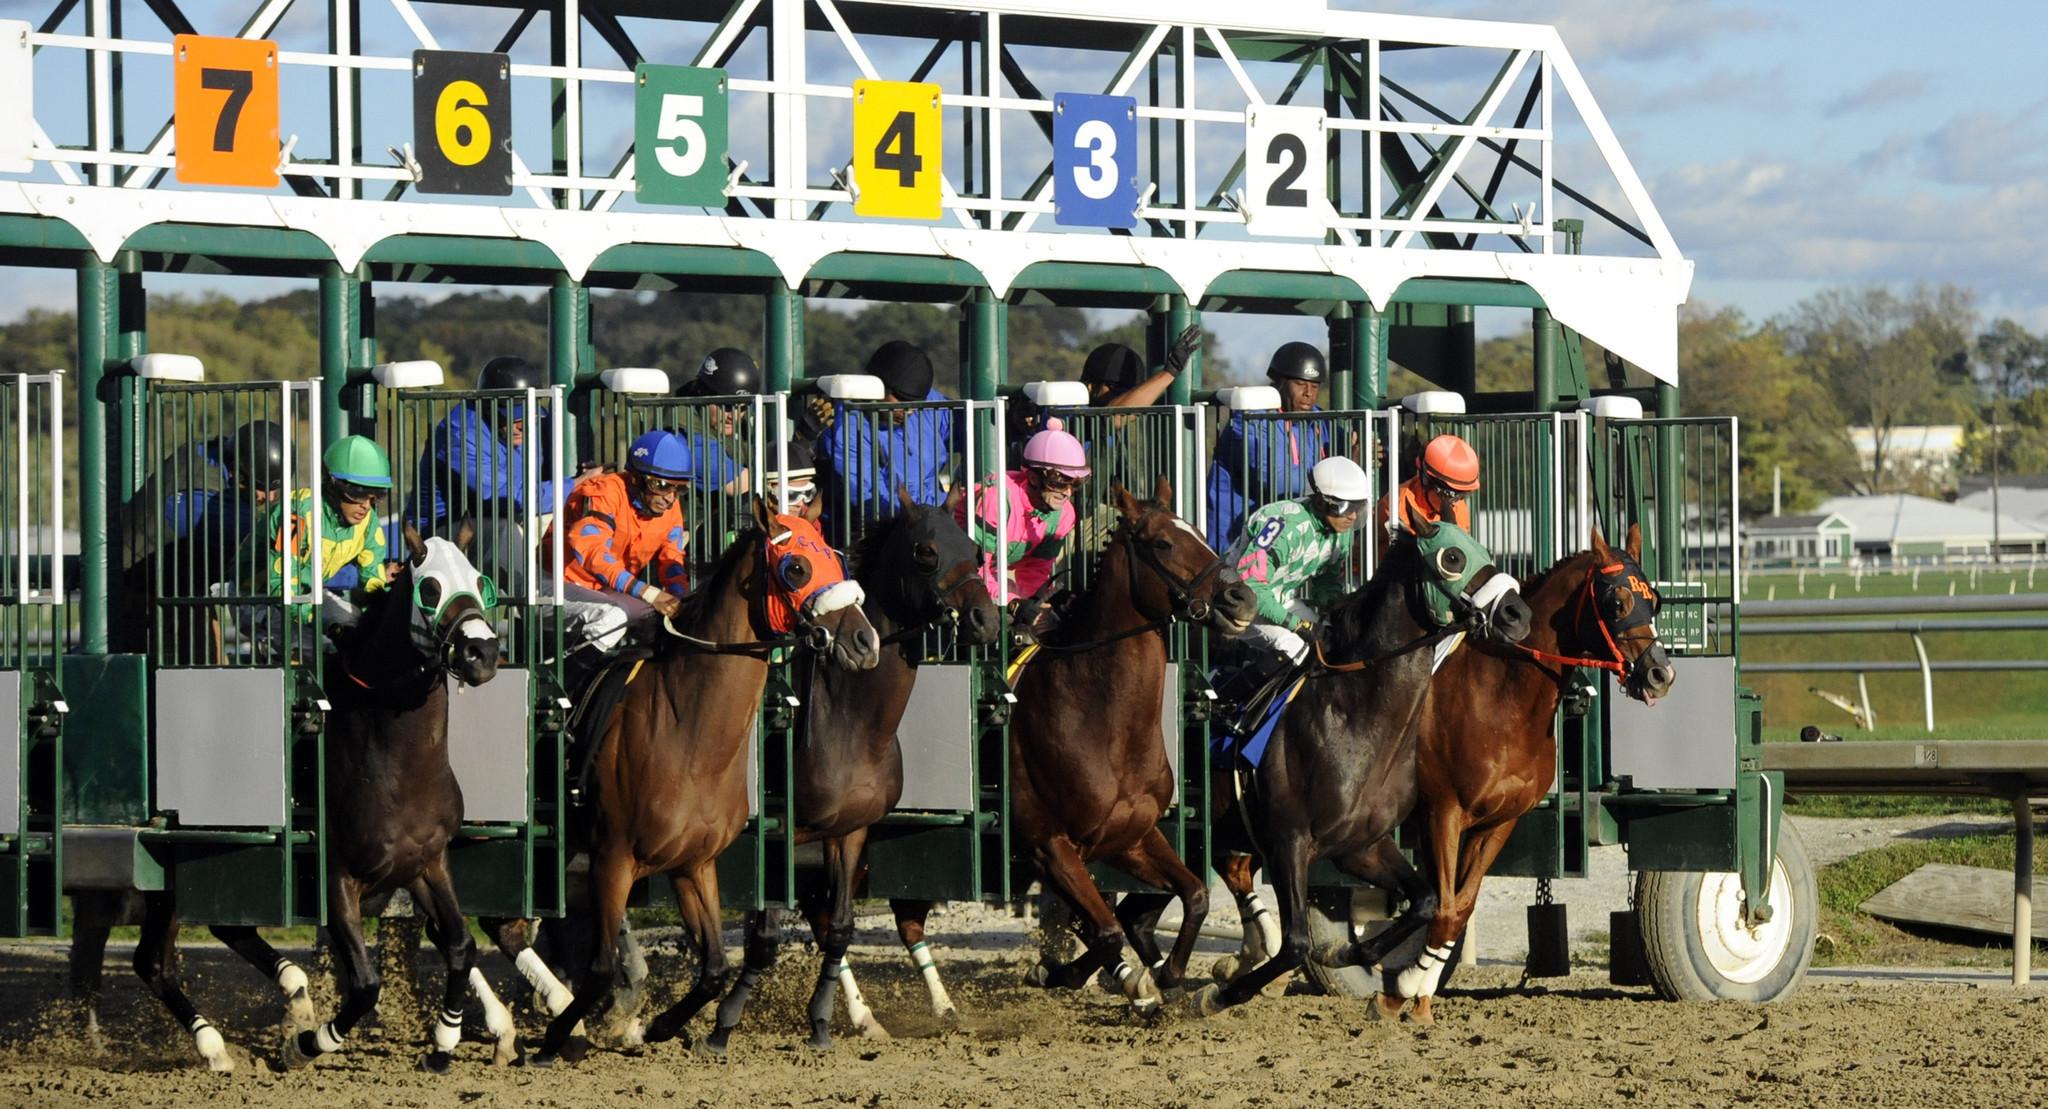 laurel racing